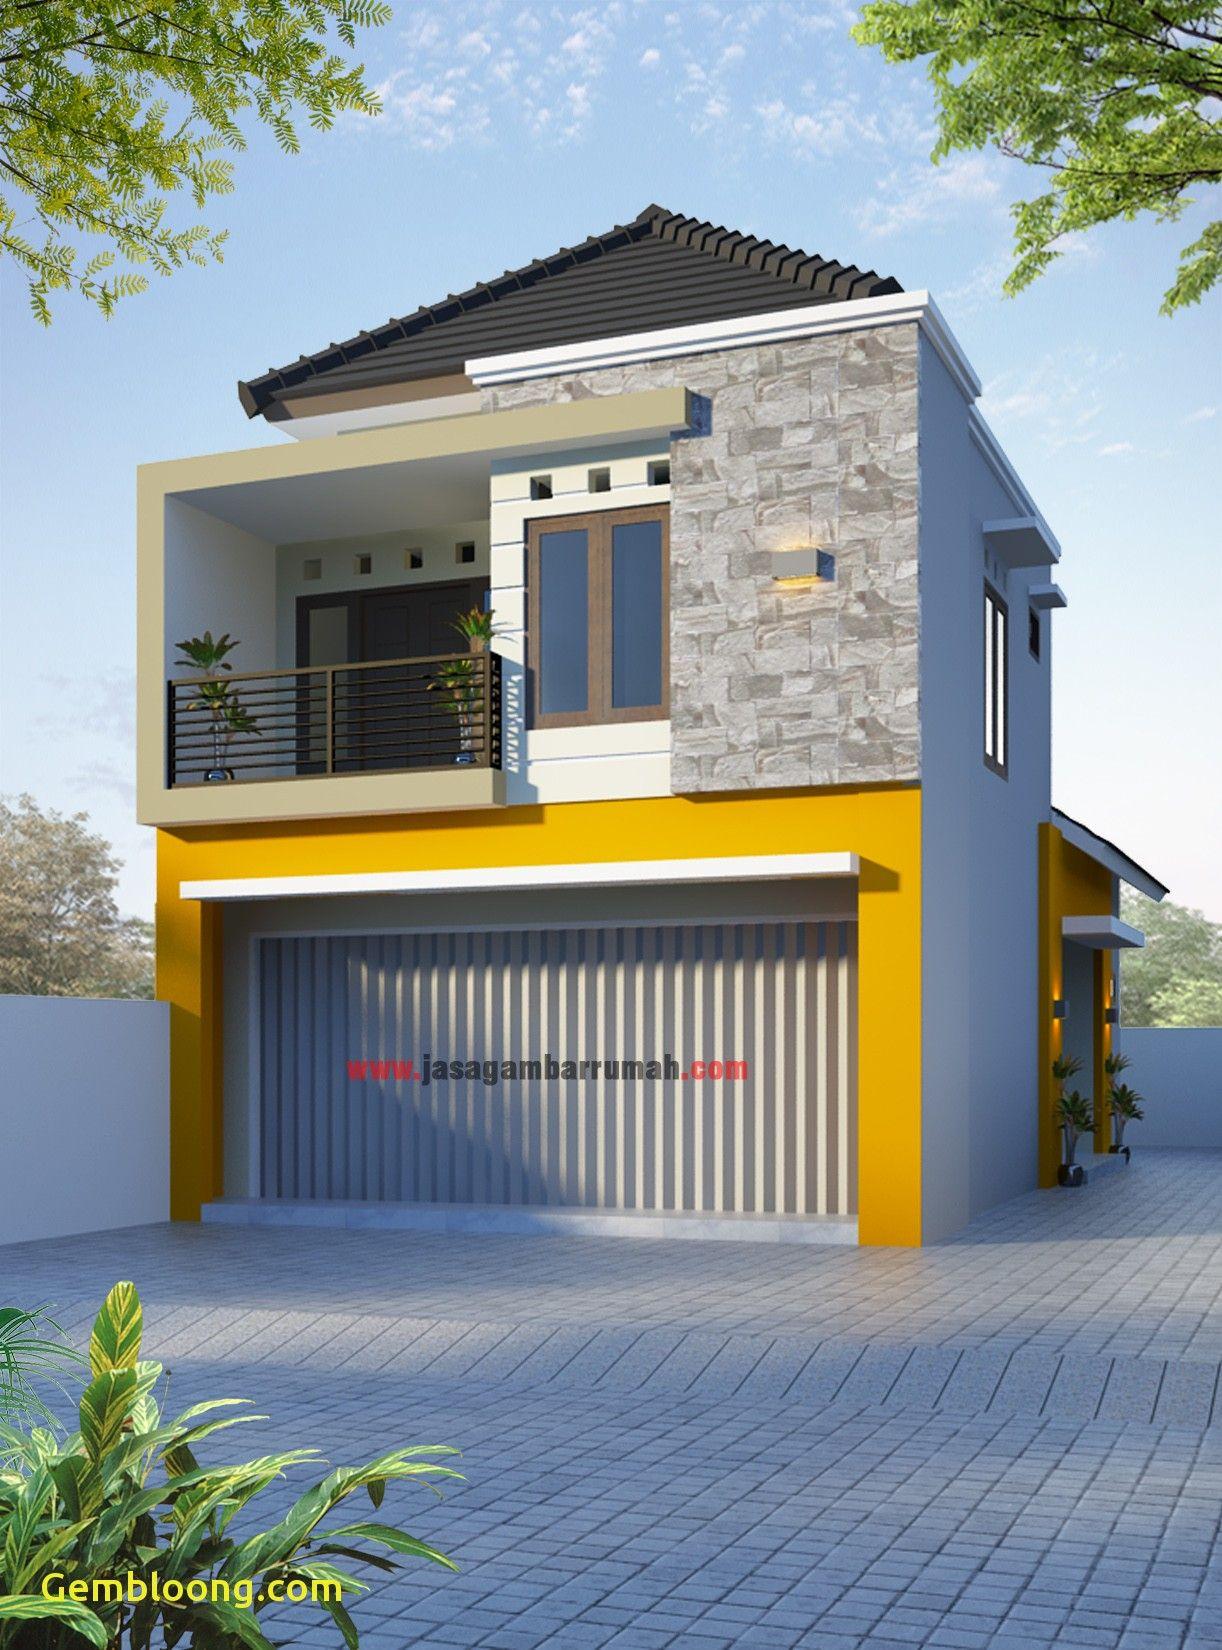 Ruko Minimalis 1 Lantai Tampak Depan Desain Depan Rumah Arsitektur Rumah Arsitektur